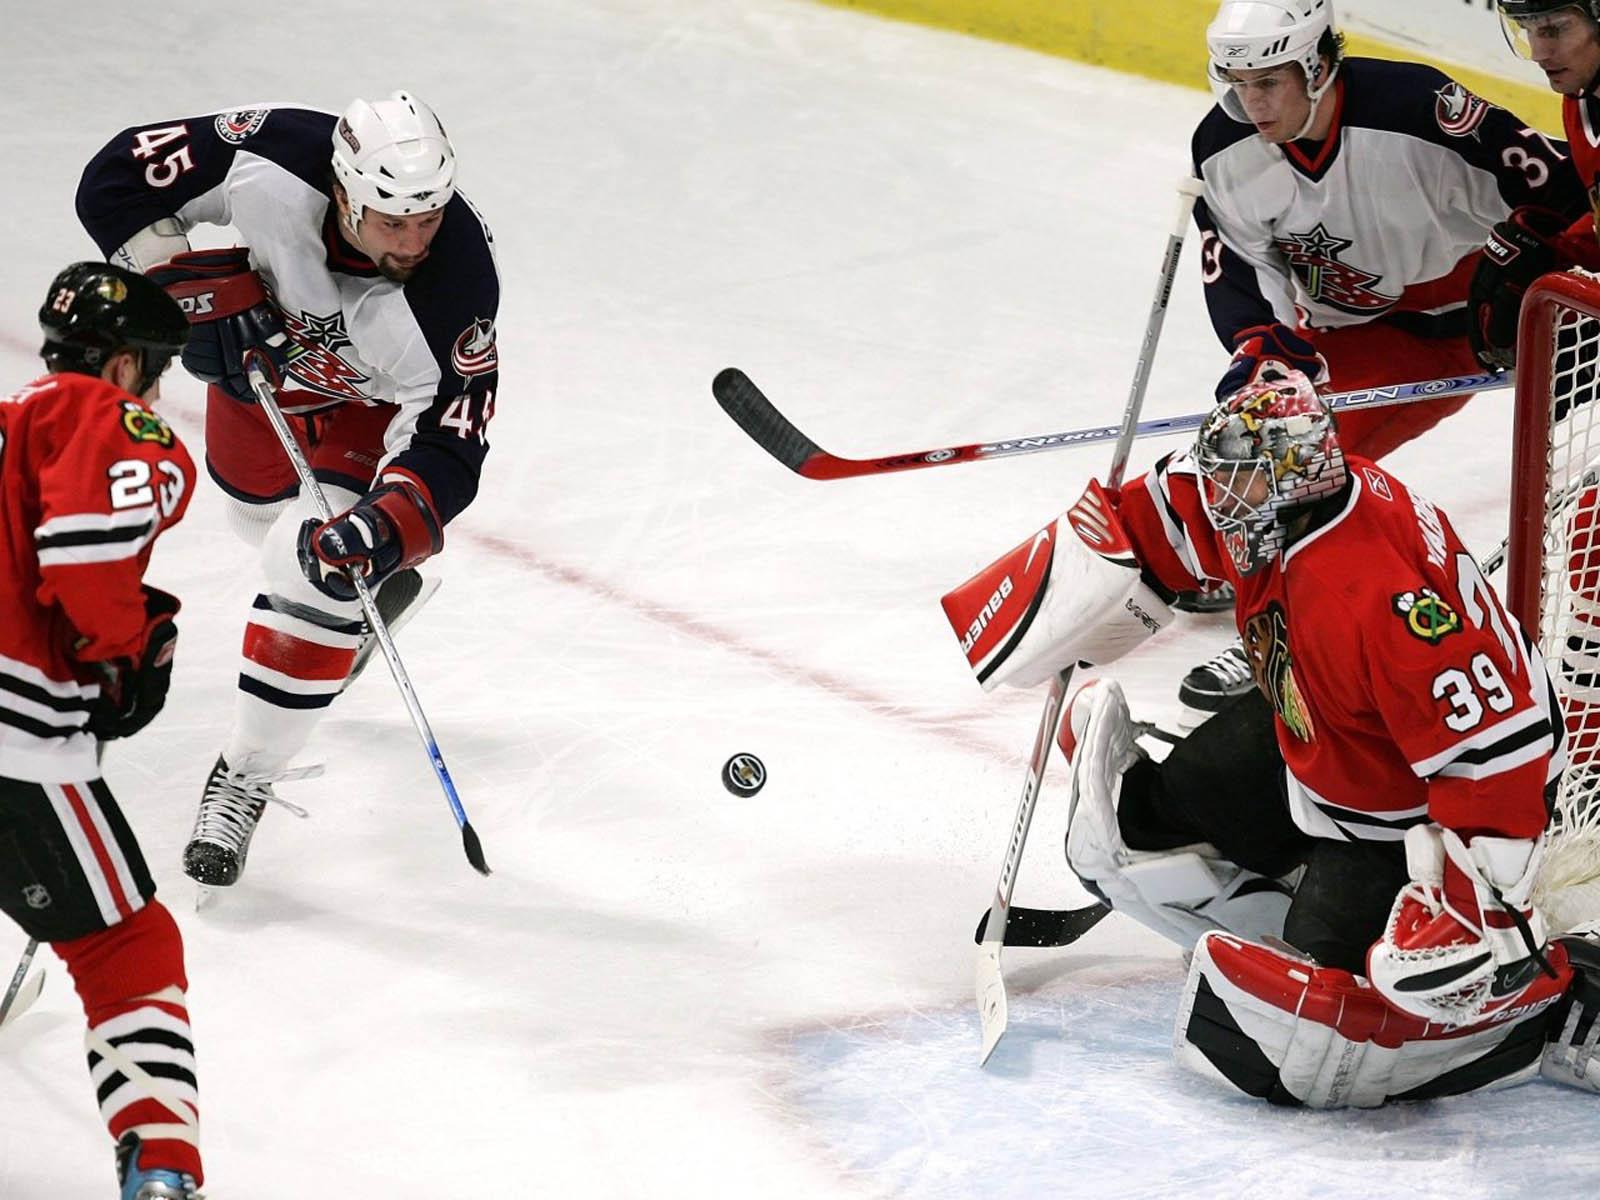 wallpapers: Ice Hockey Hockey